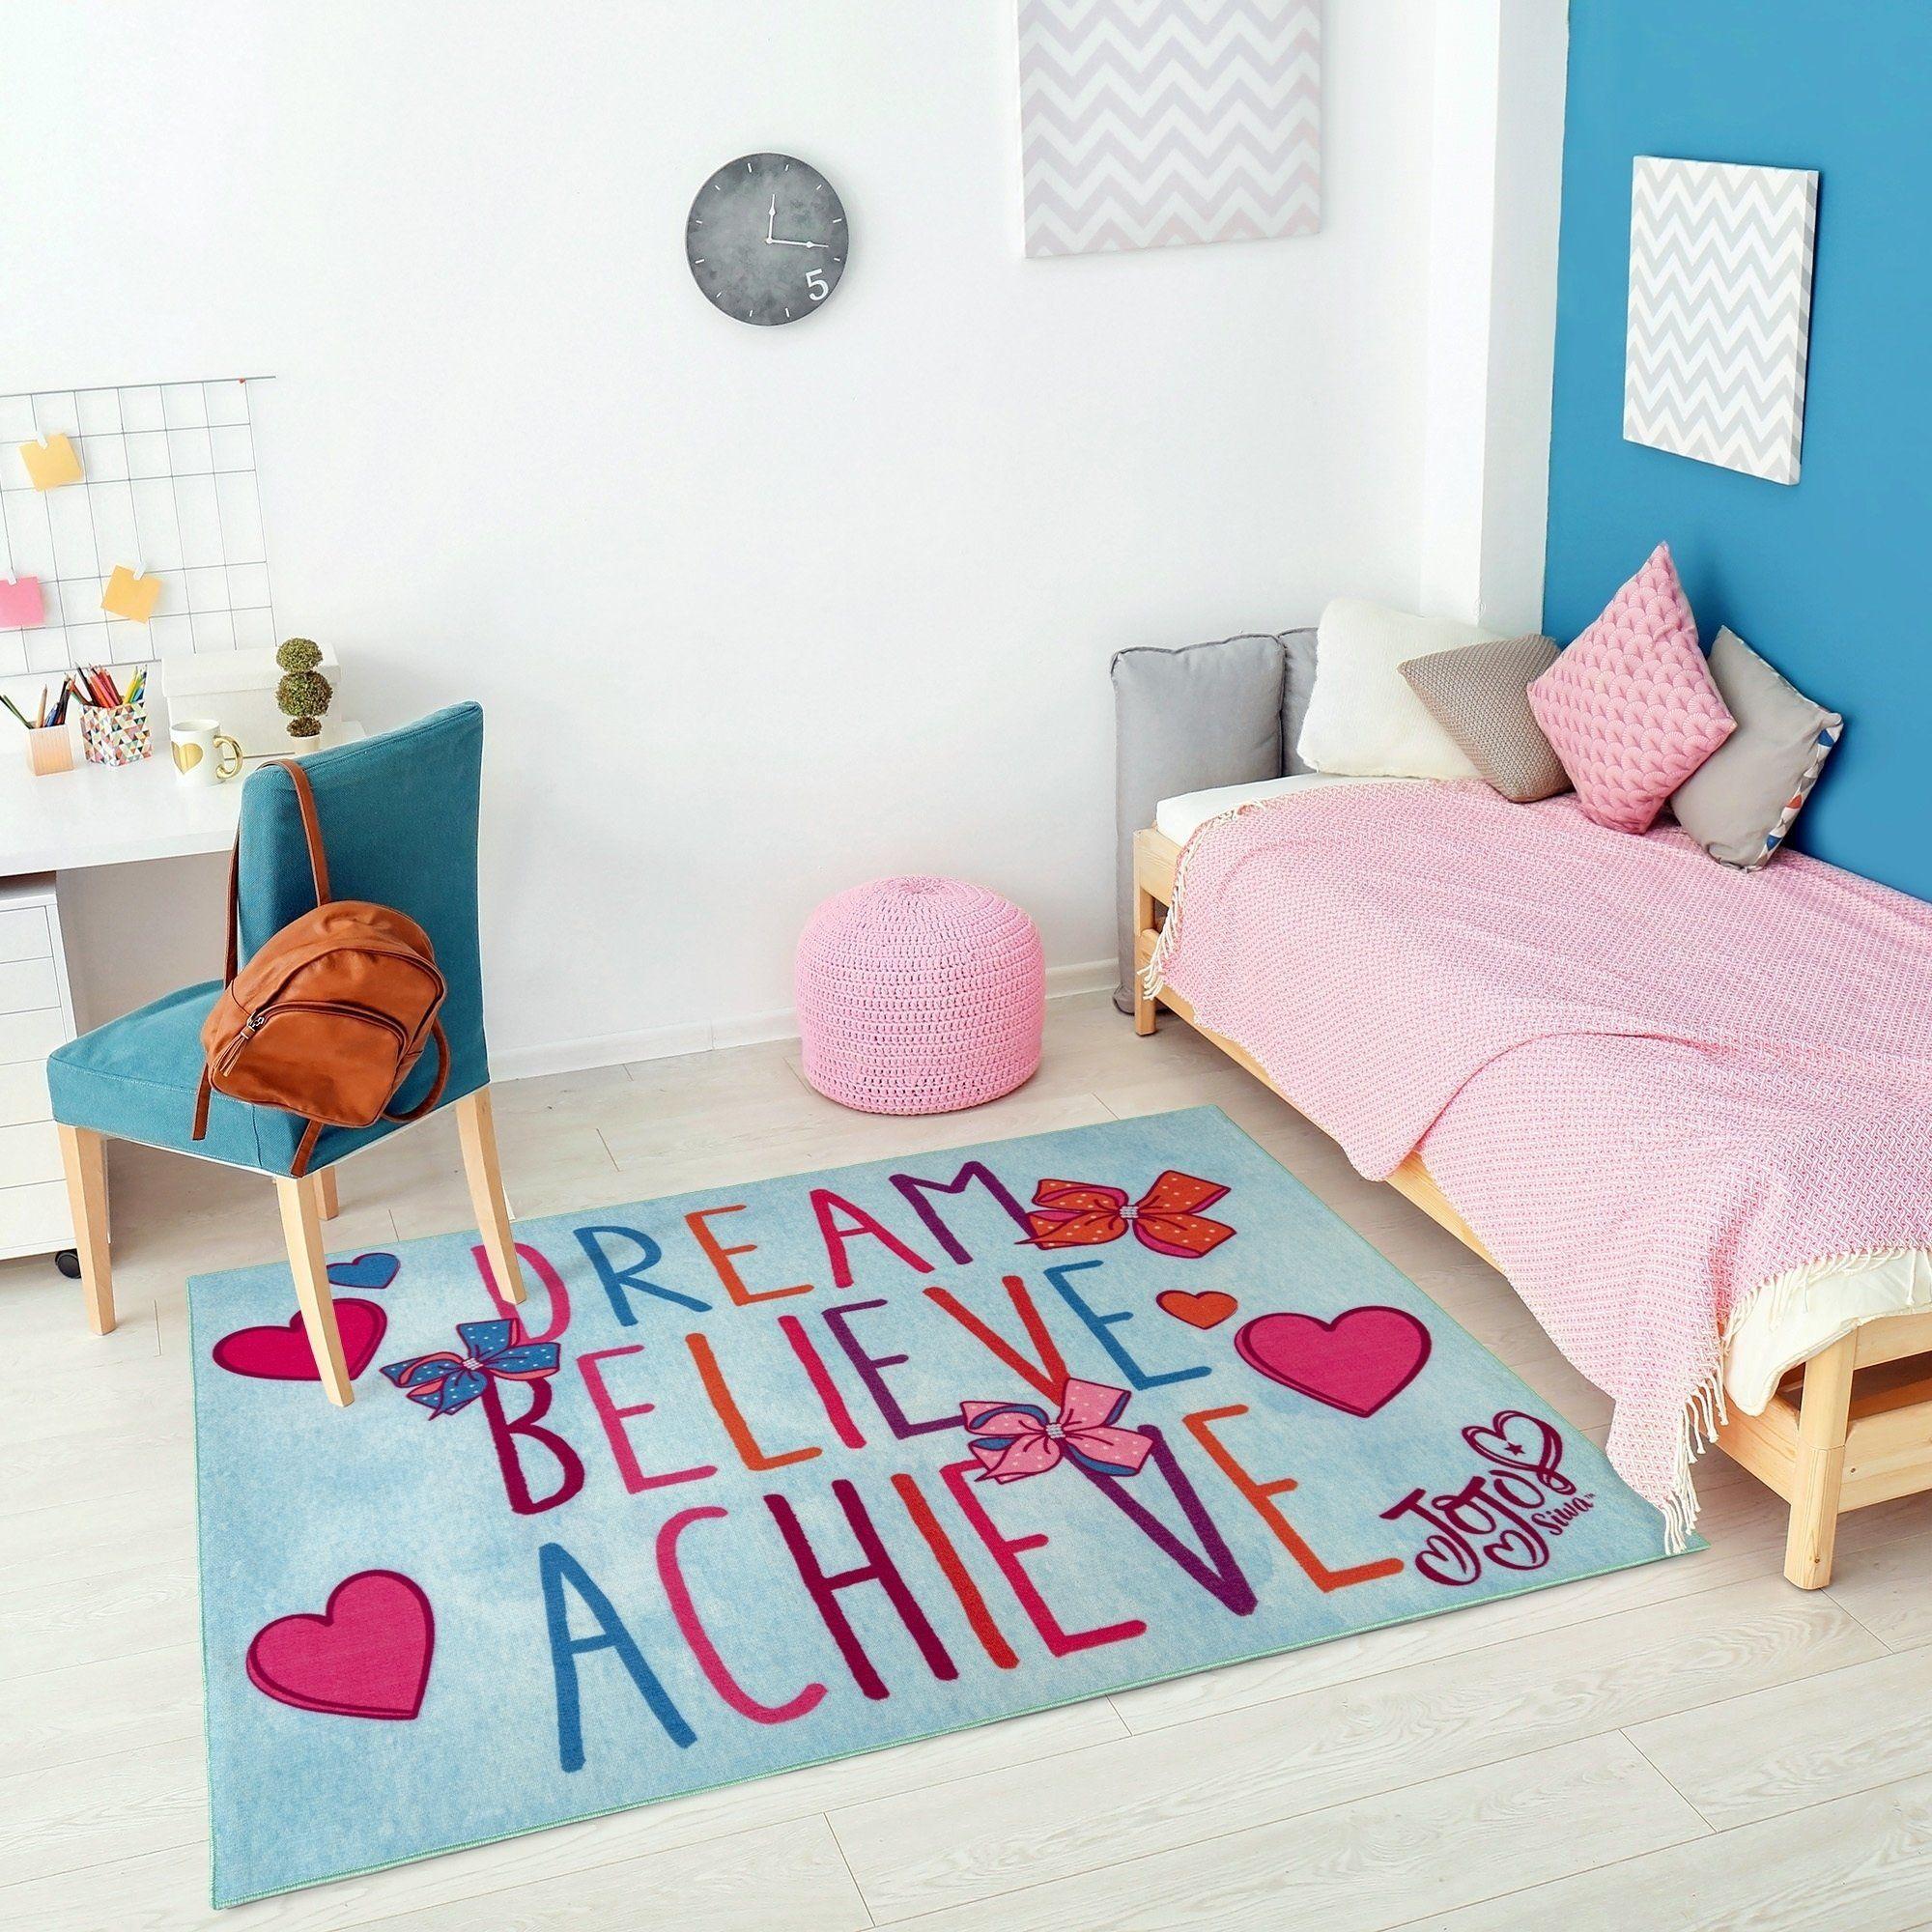 Design Jojo Siwa Bedroom